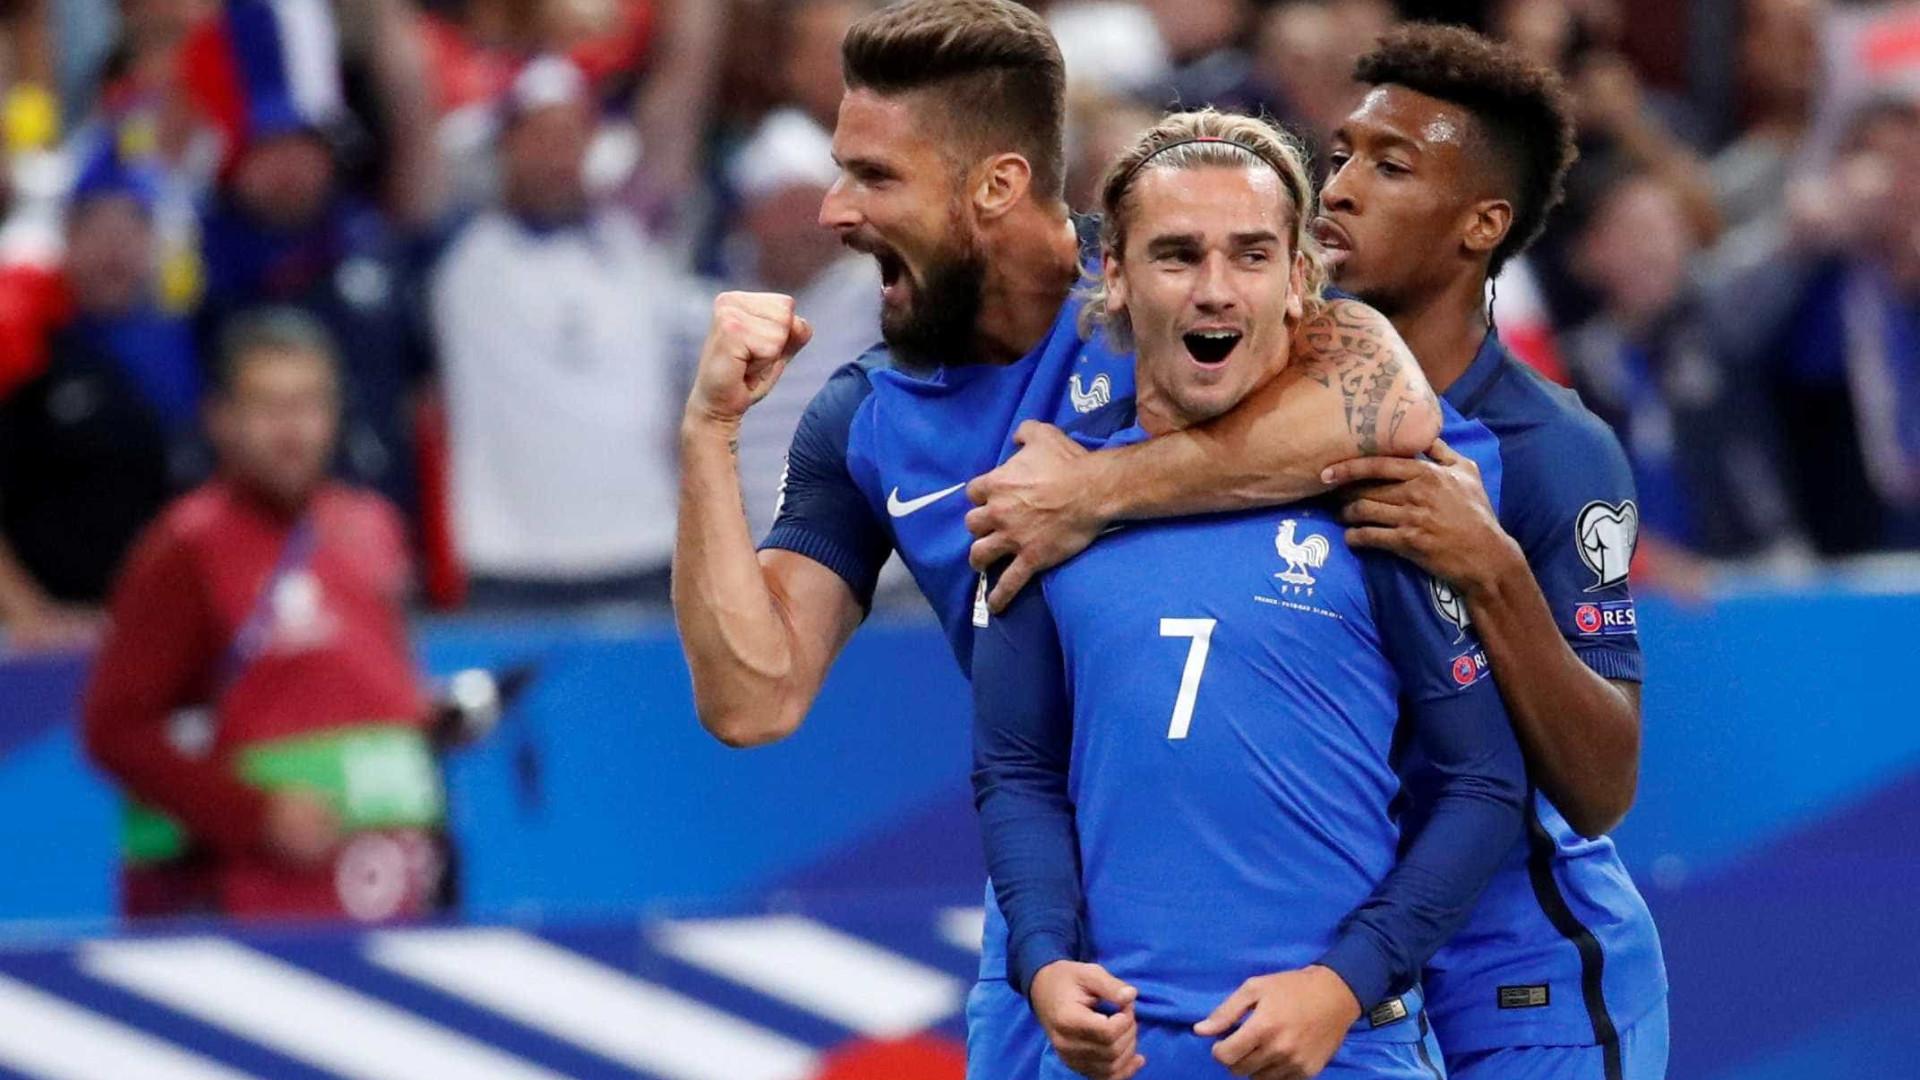 França goleia e complica Holanda nas Eliminatórias para Copa do Mundo